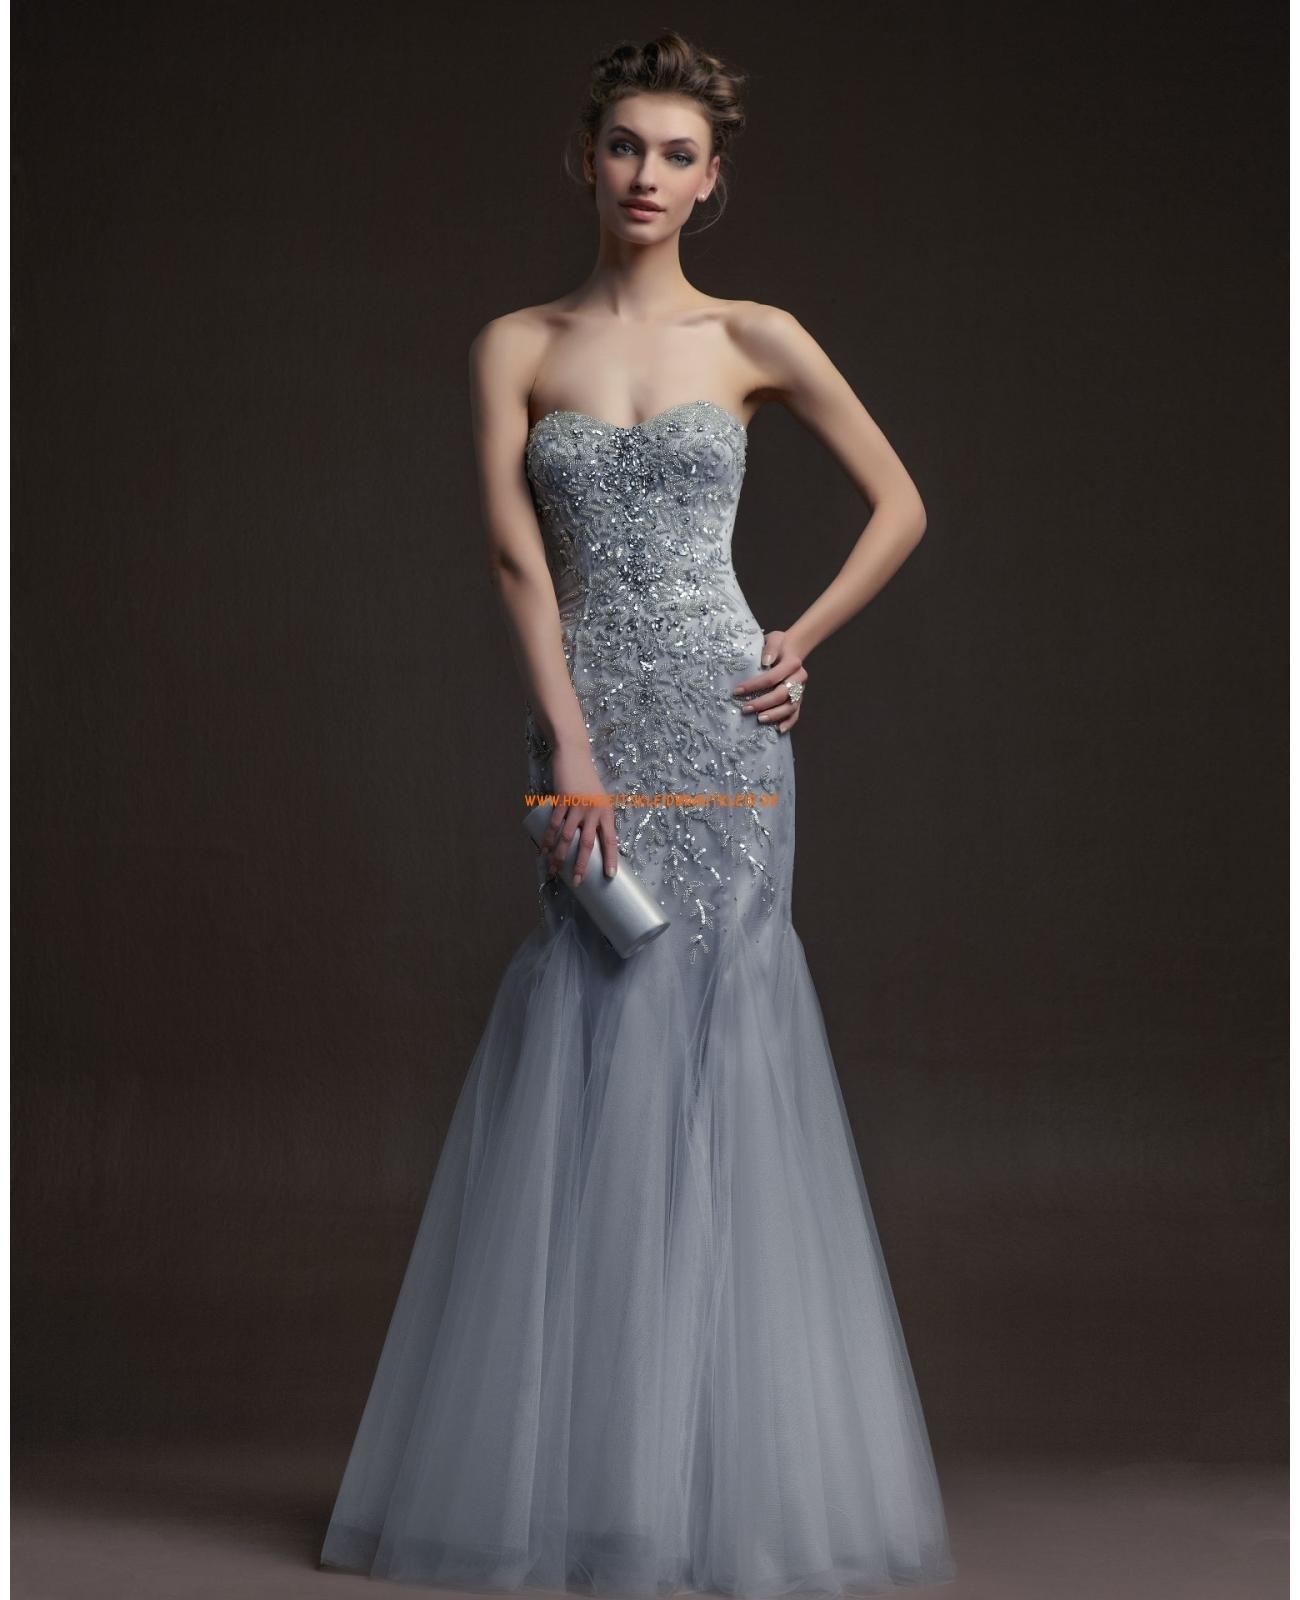 10 Luxurius Lange Abendkleider Günstig Kaufen Spezialgebiet15 Kreativ Lange Abendkleider Günstig Kaufen Stylish